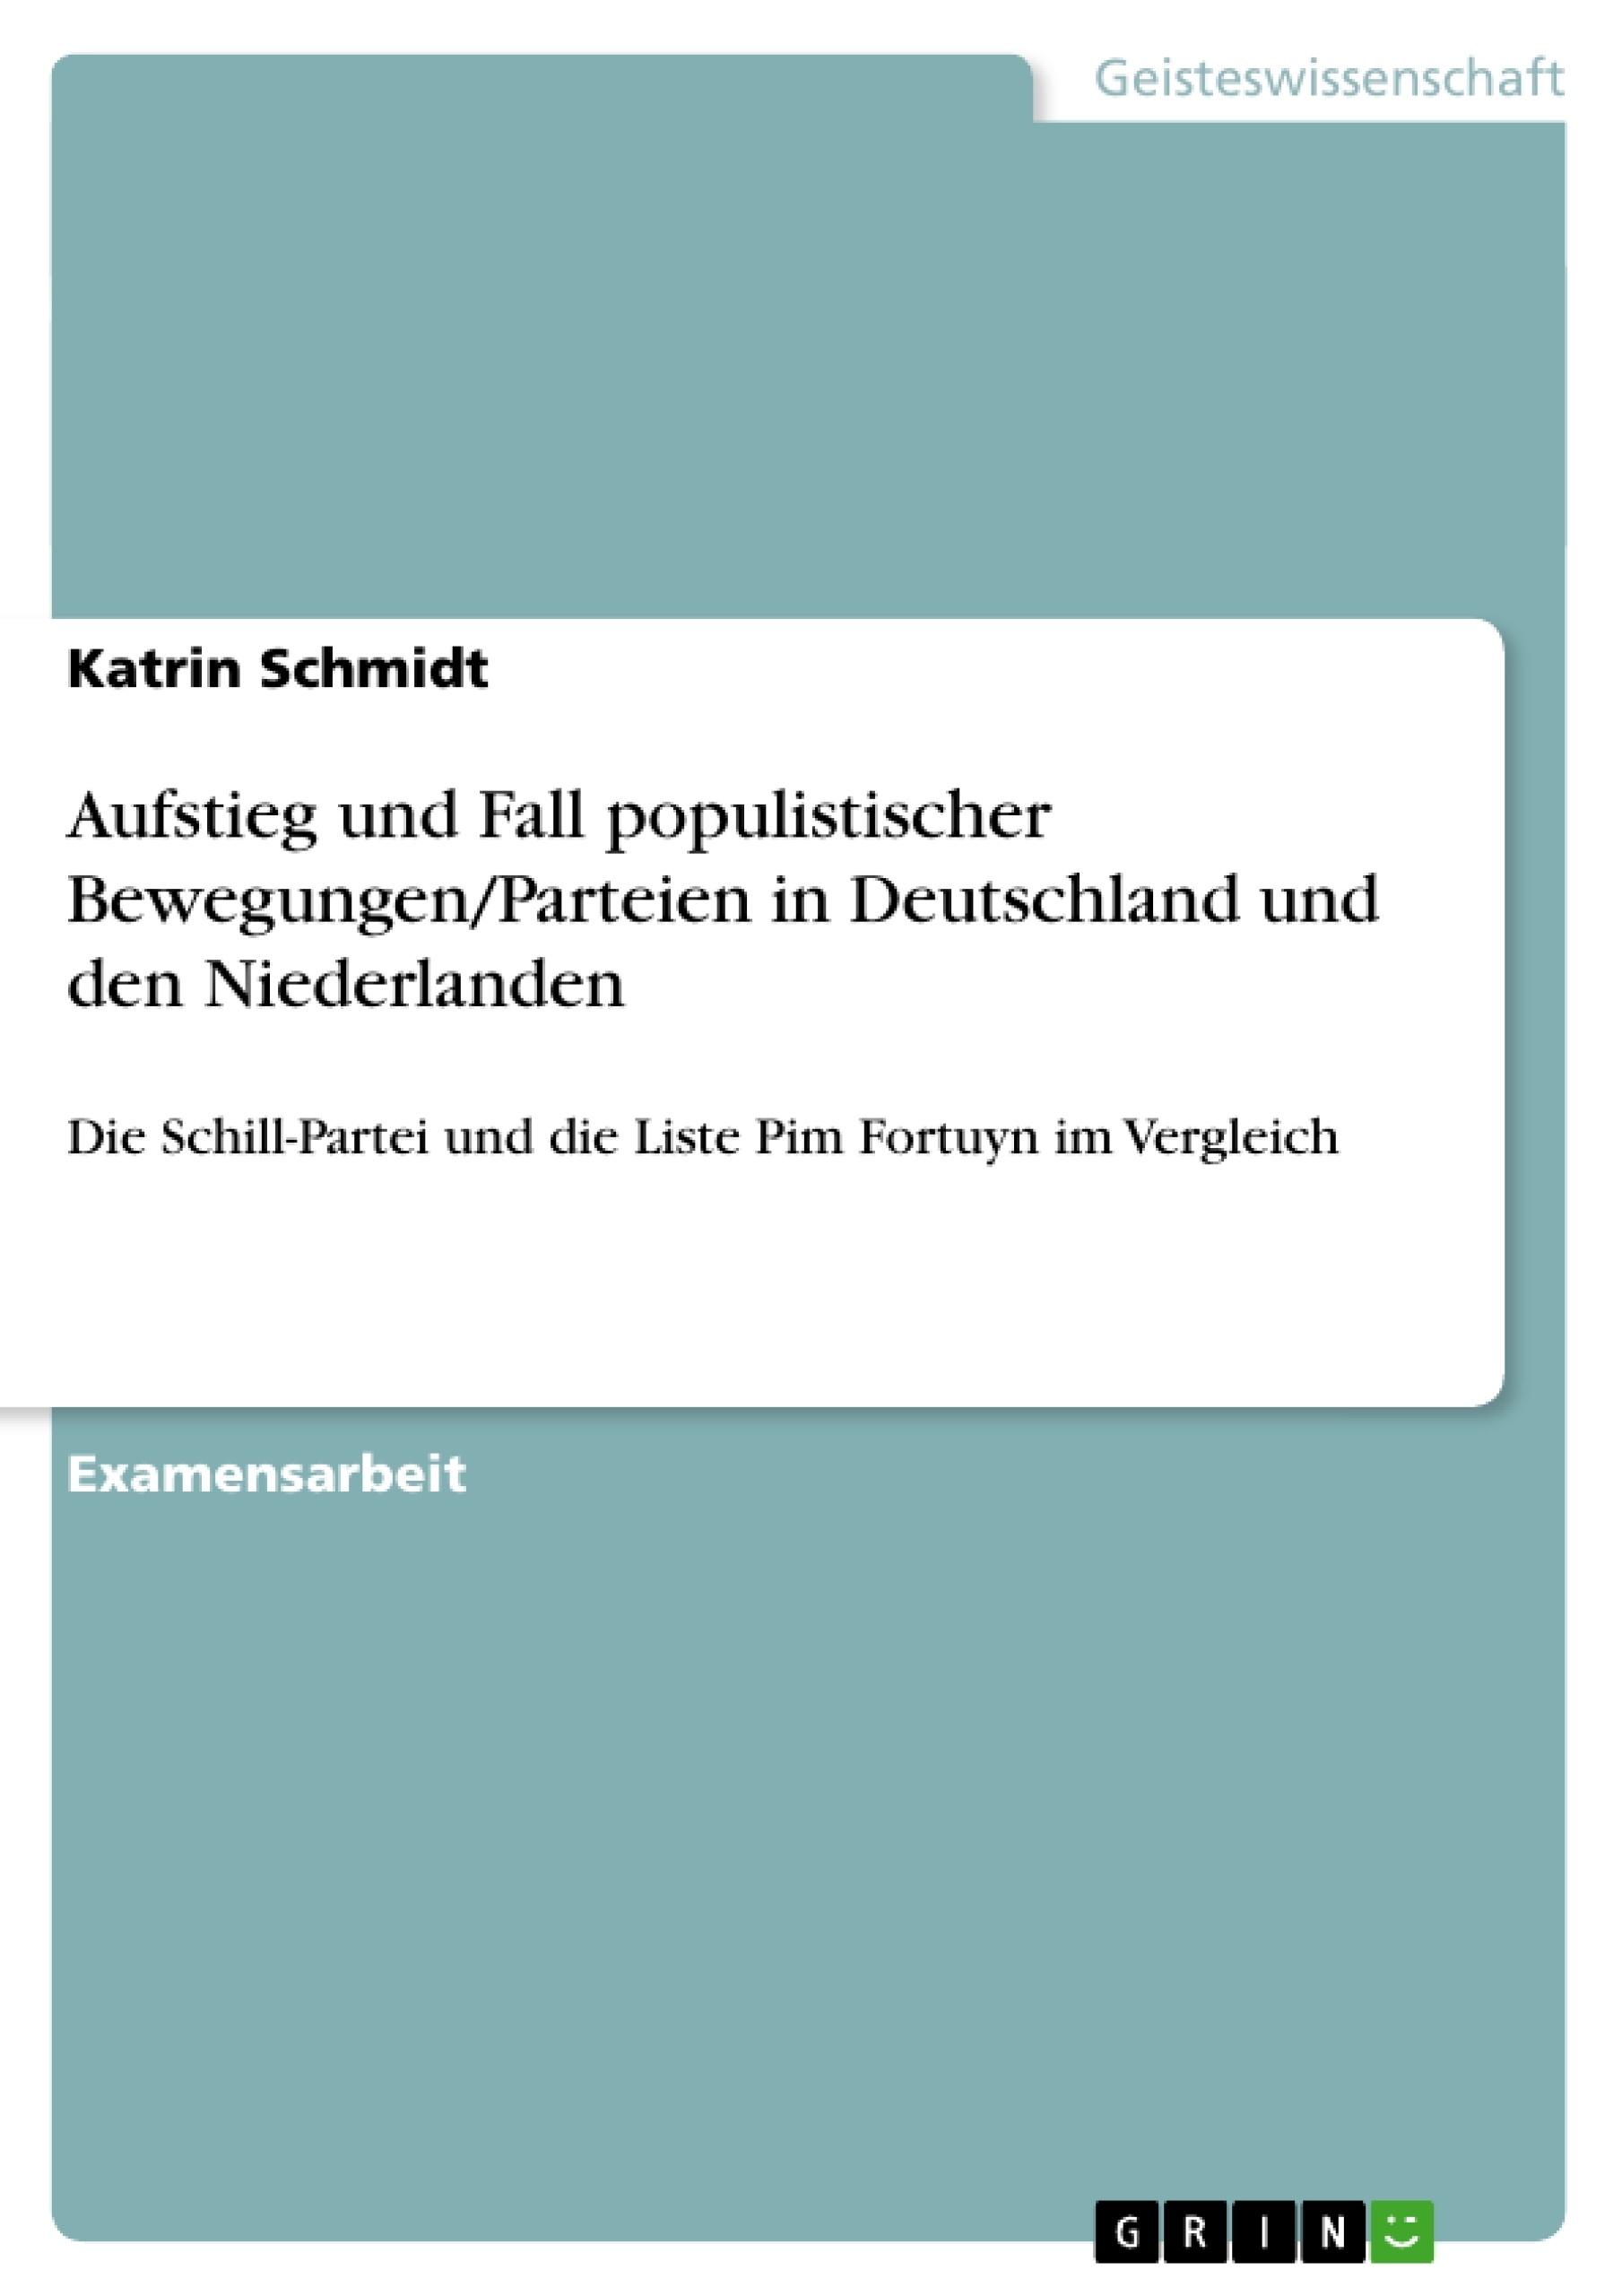 Titel: Aufstieg und Fall populistischer Bewegungen/Parteien in Deutschland und den Niederlanden